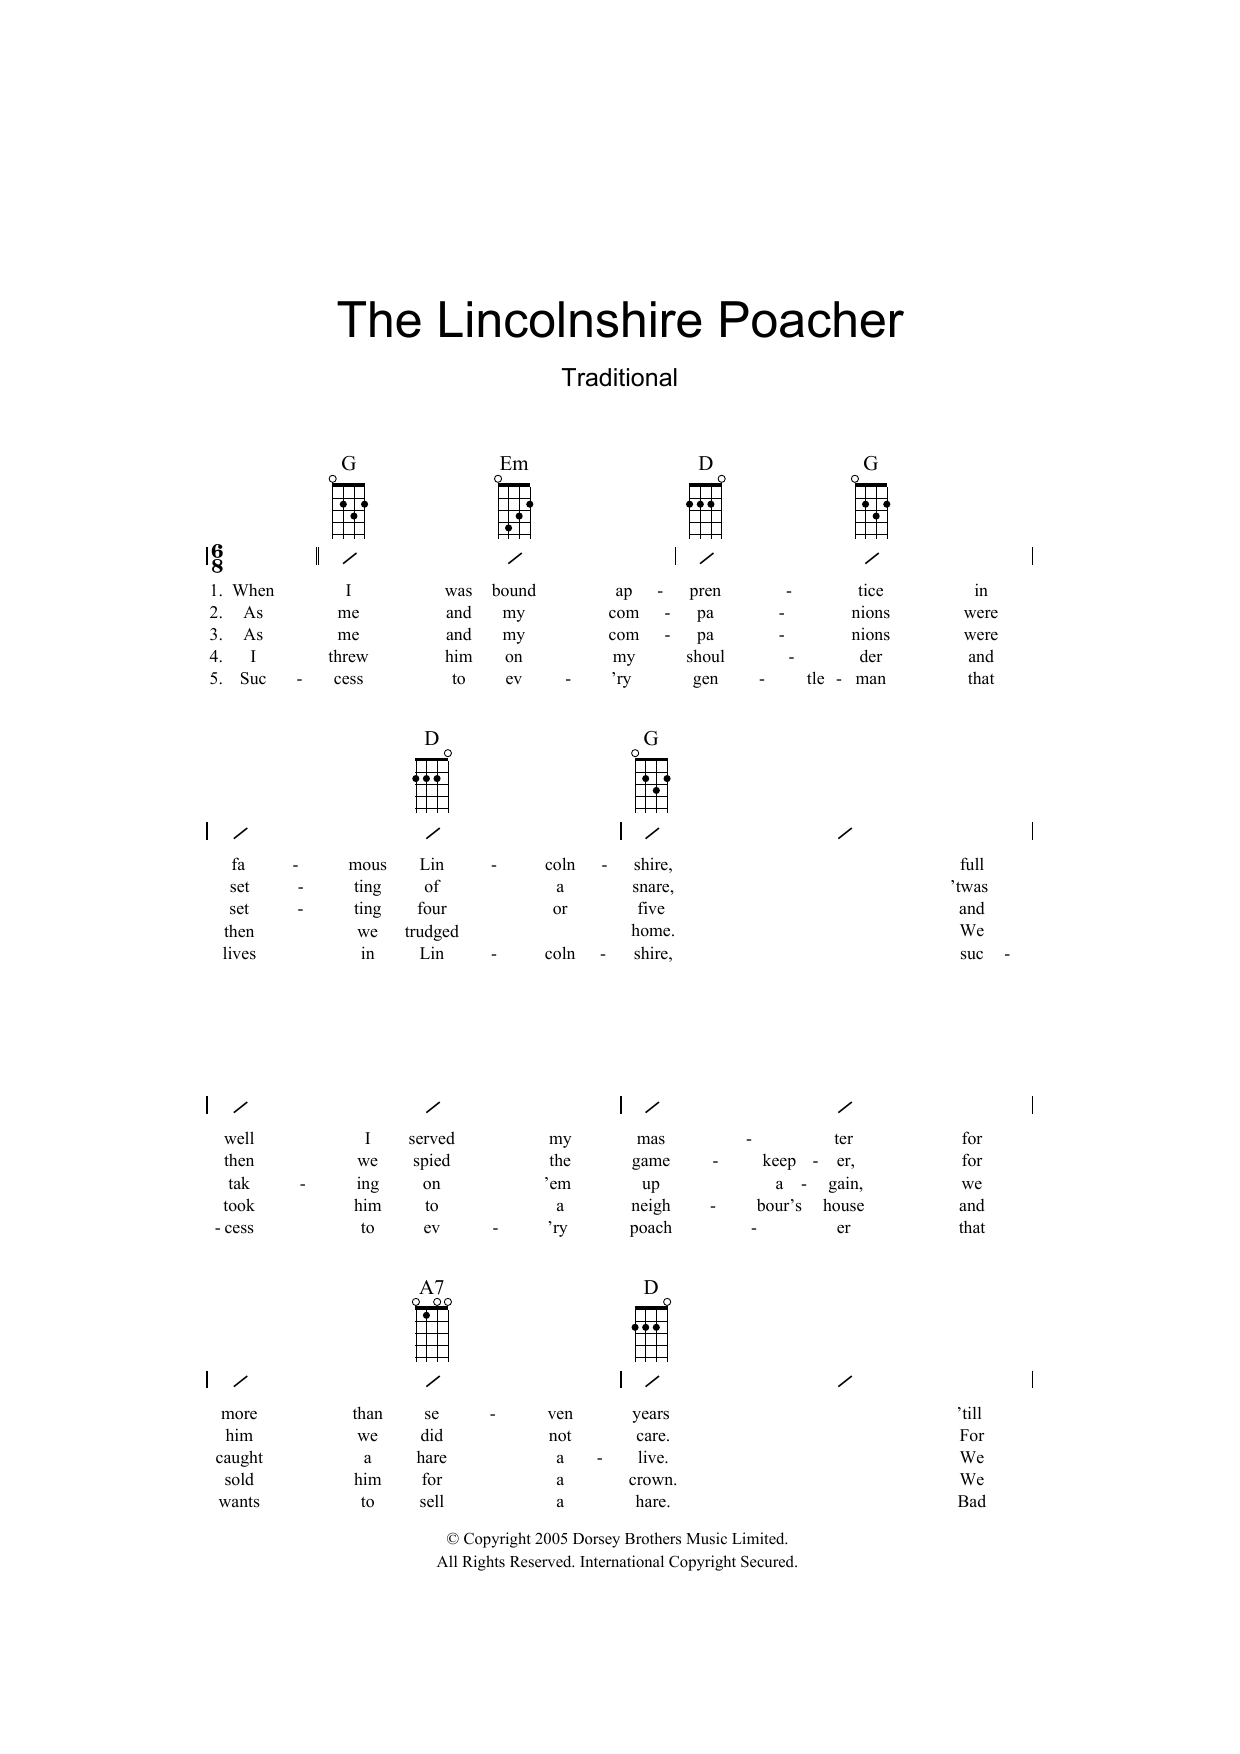 The Lincolnshire Poacher (Ukulele Chords/Lyrics)